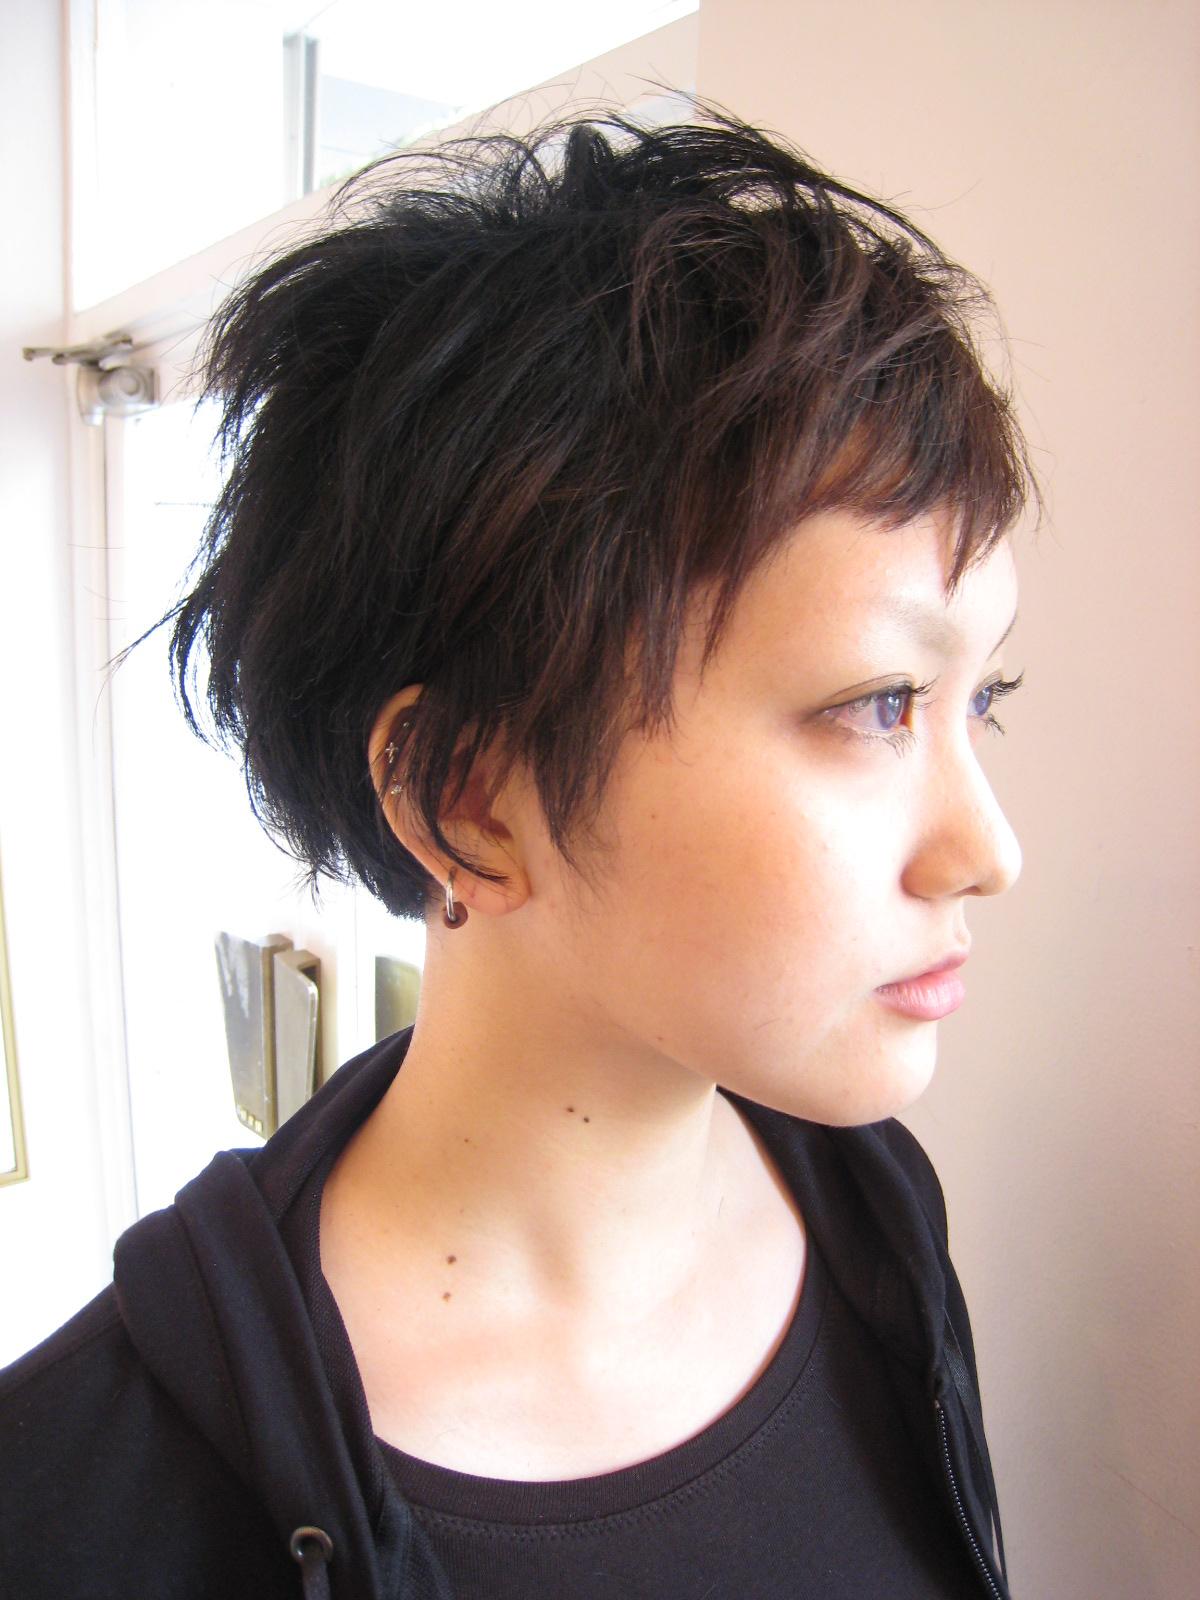 ... 髪型&悪い髪型 - NAVER まとめ